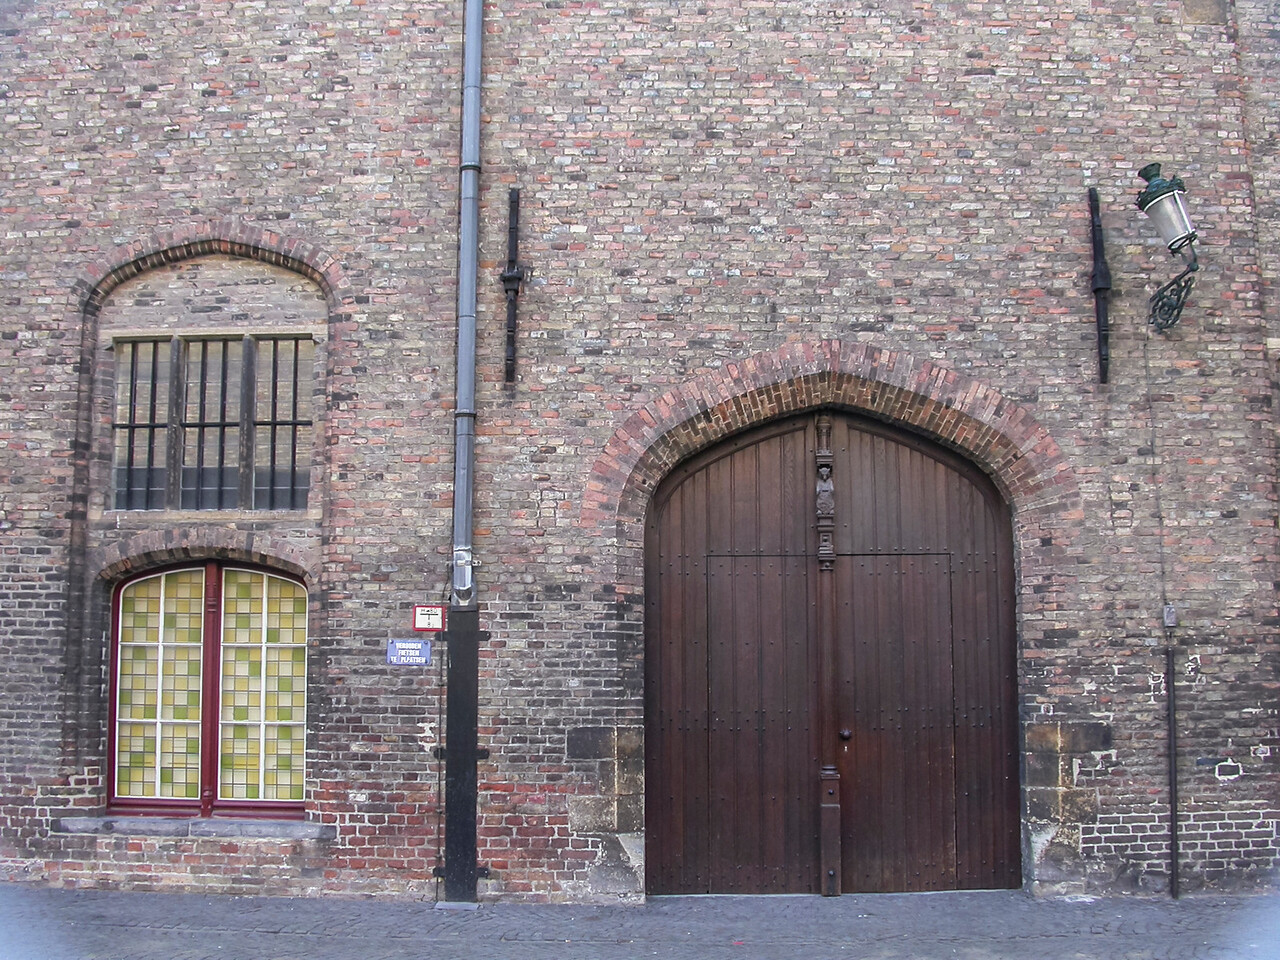 Brussels - Doors